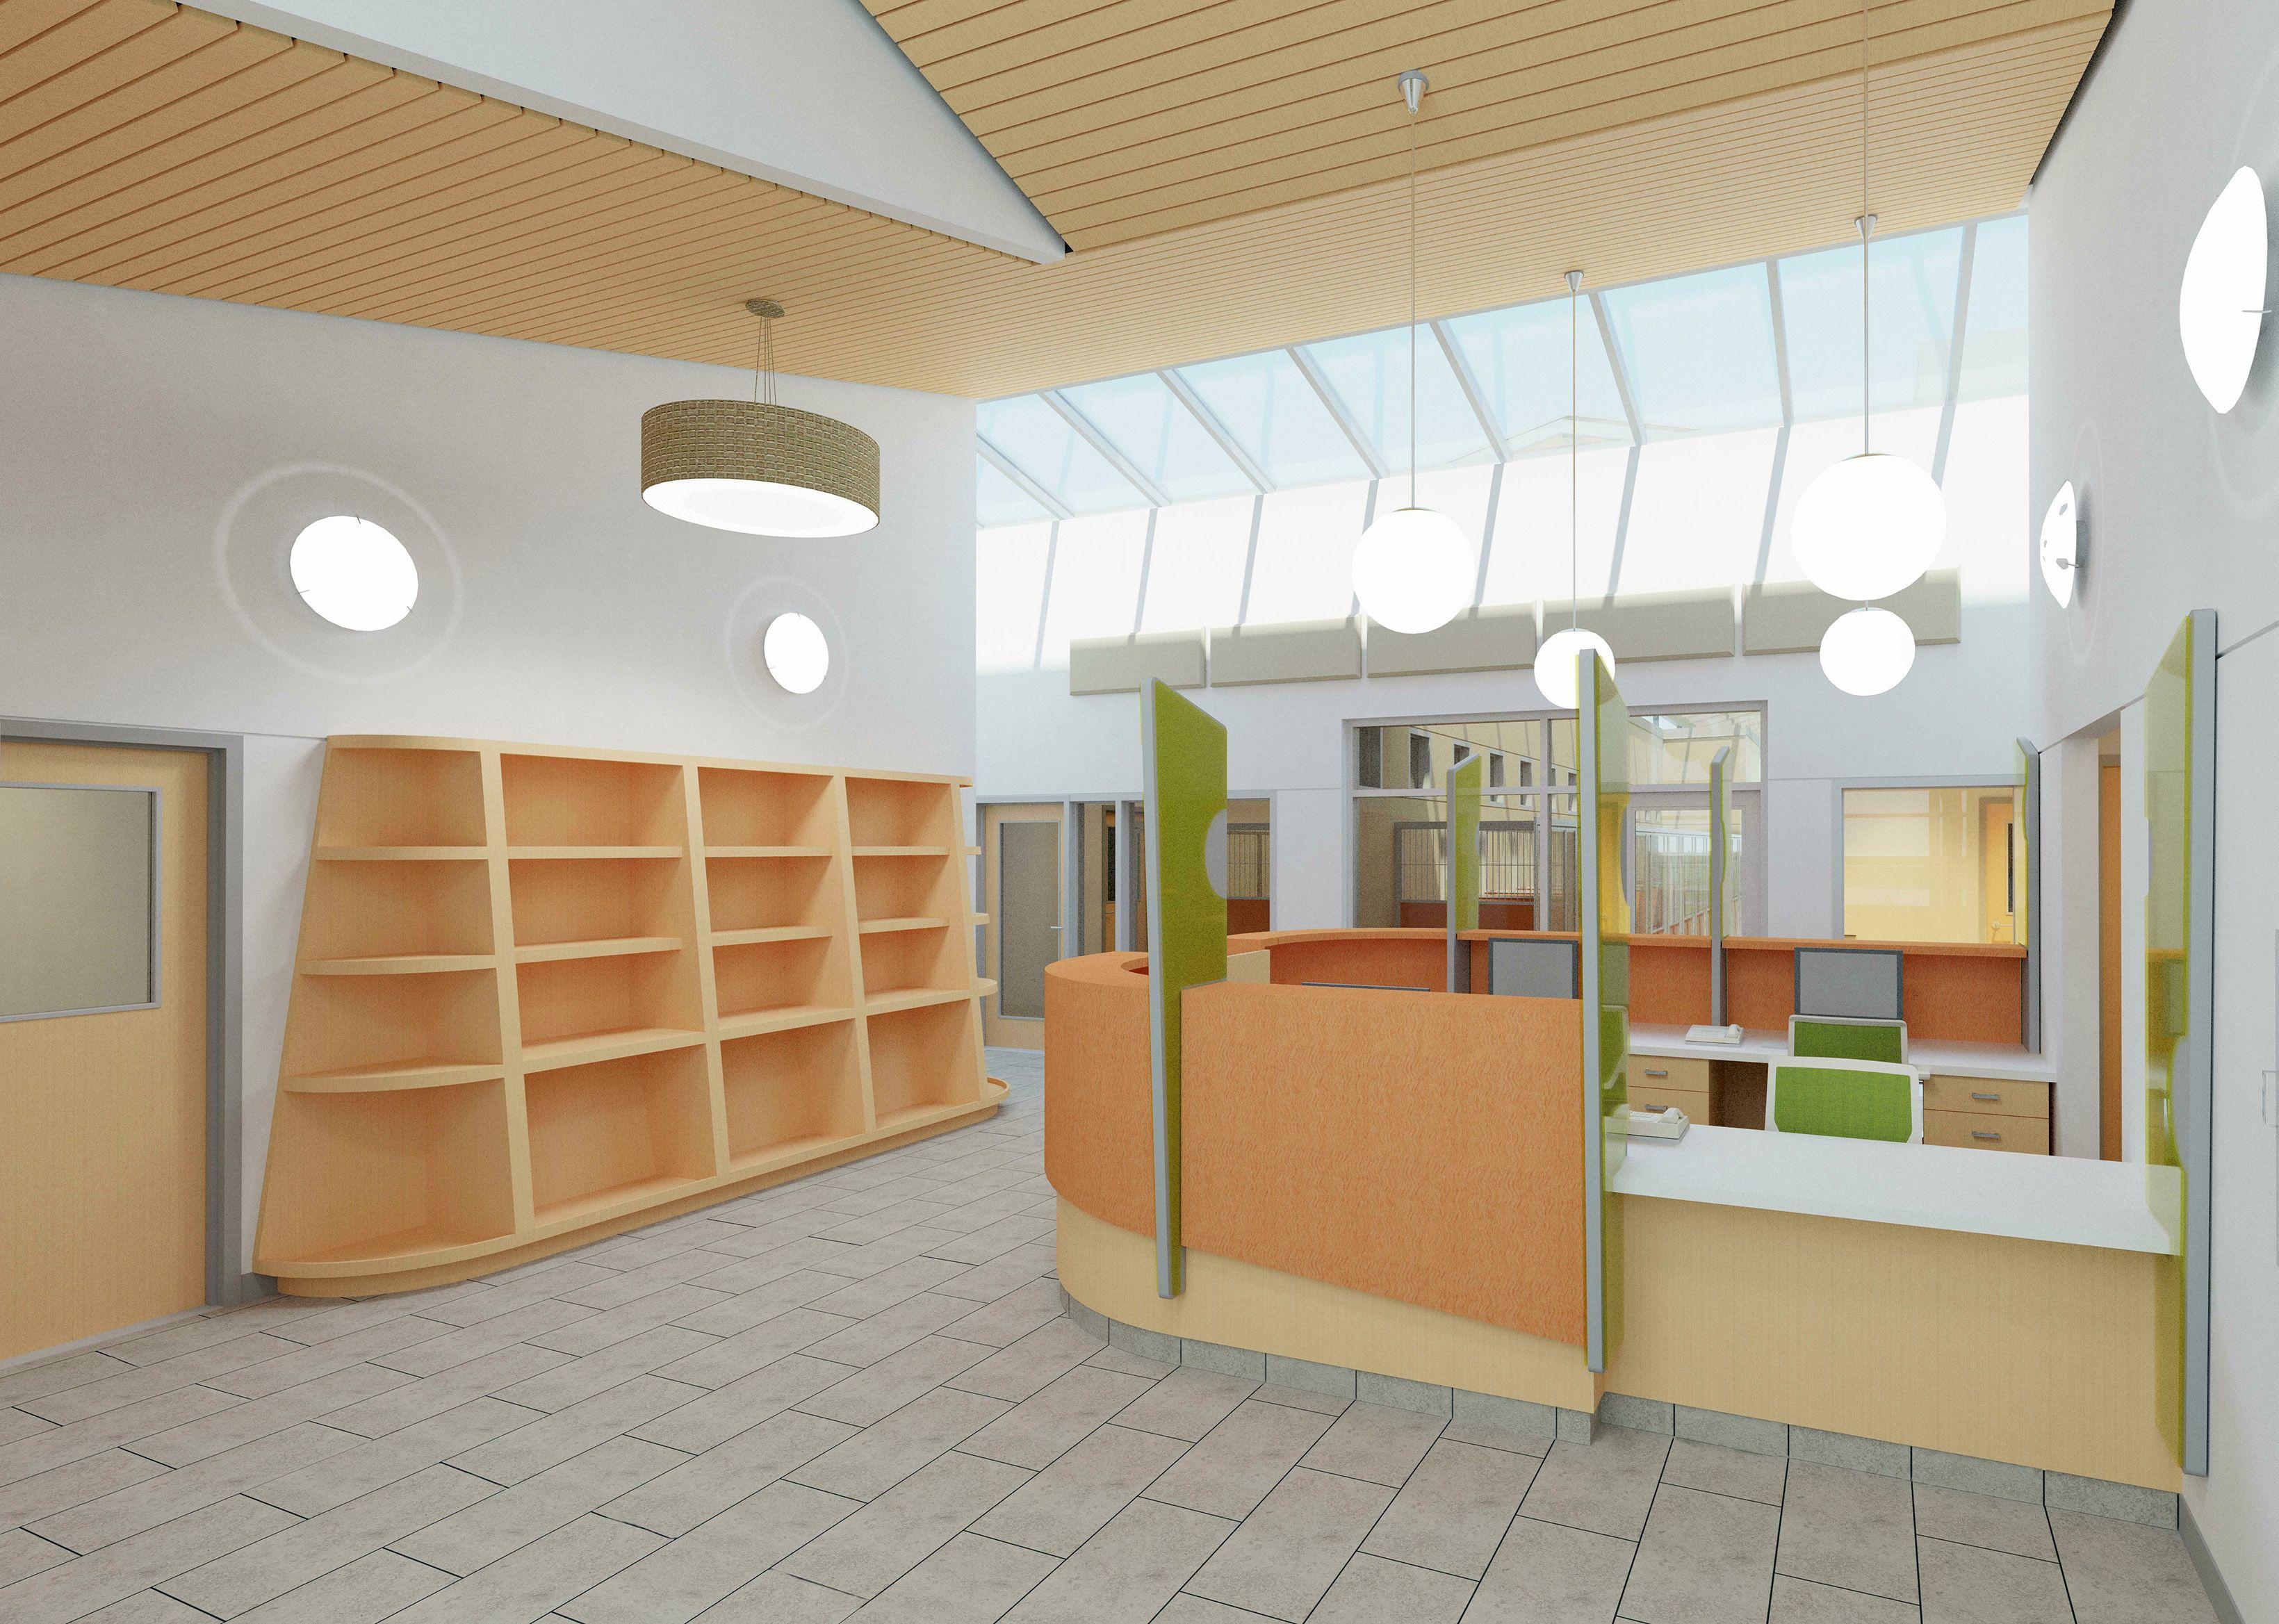 Greenwood Animal Shelter, Greenwood, SC Shelter design